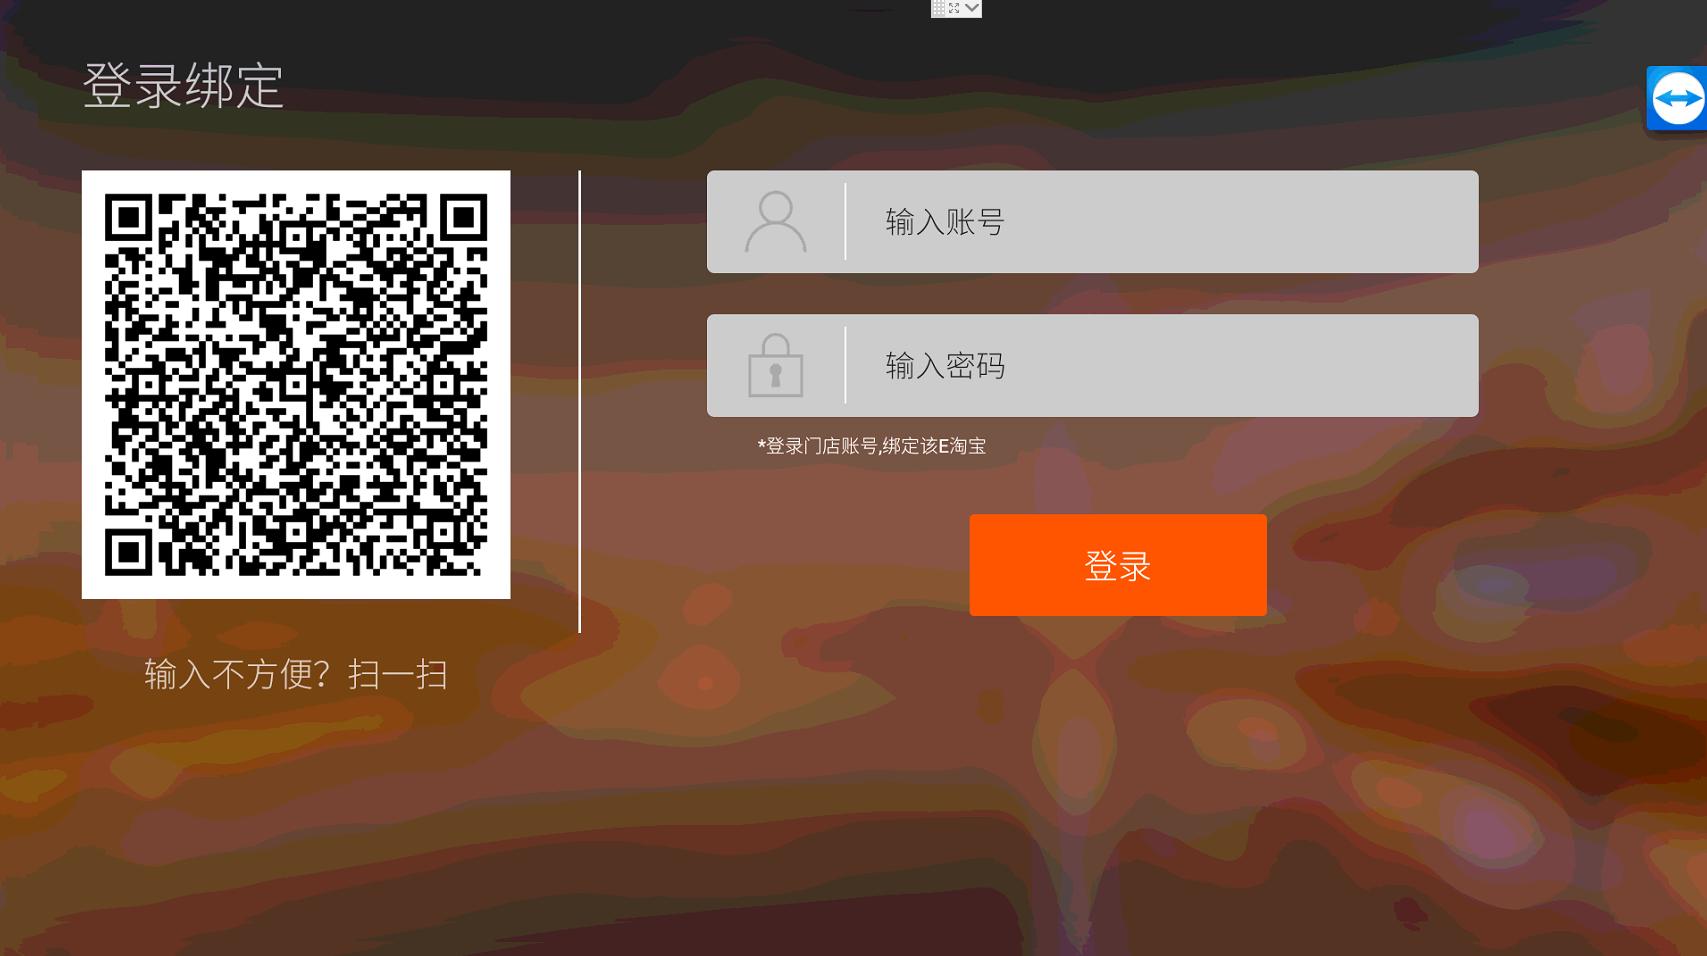 【E淘宝】系统功能介绍